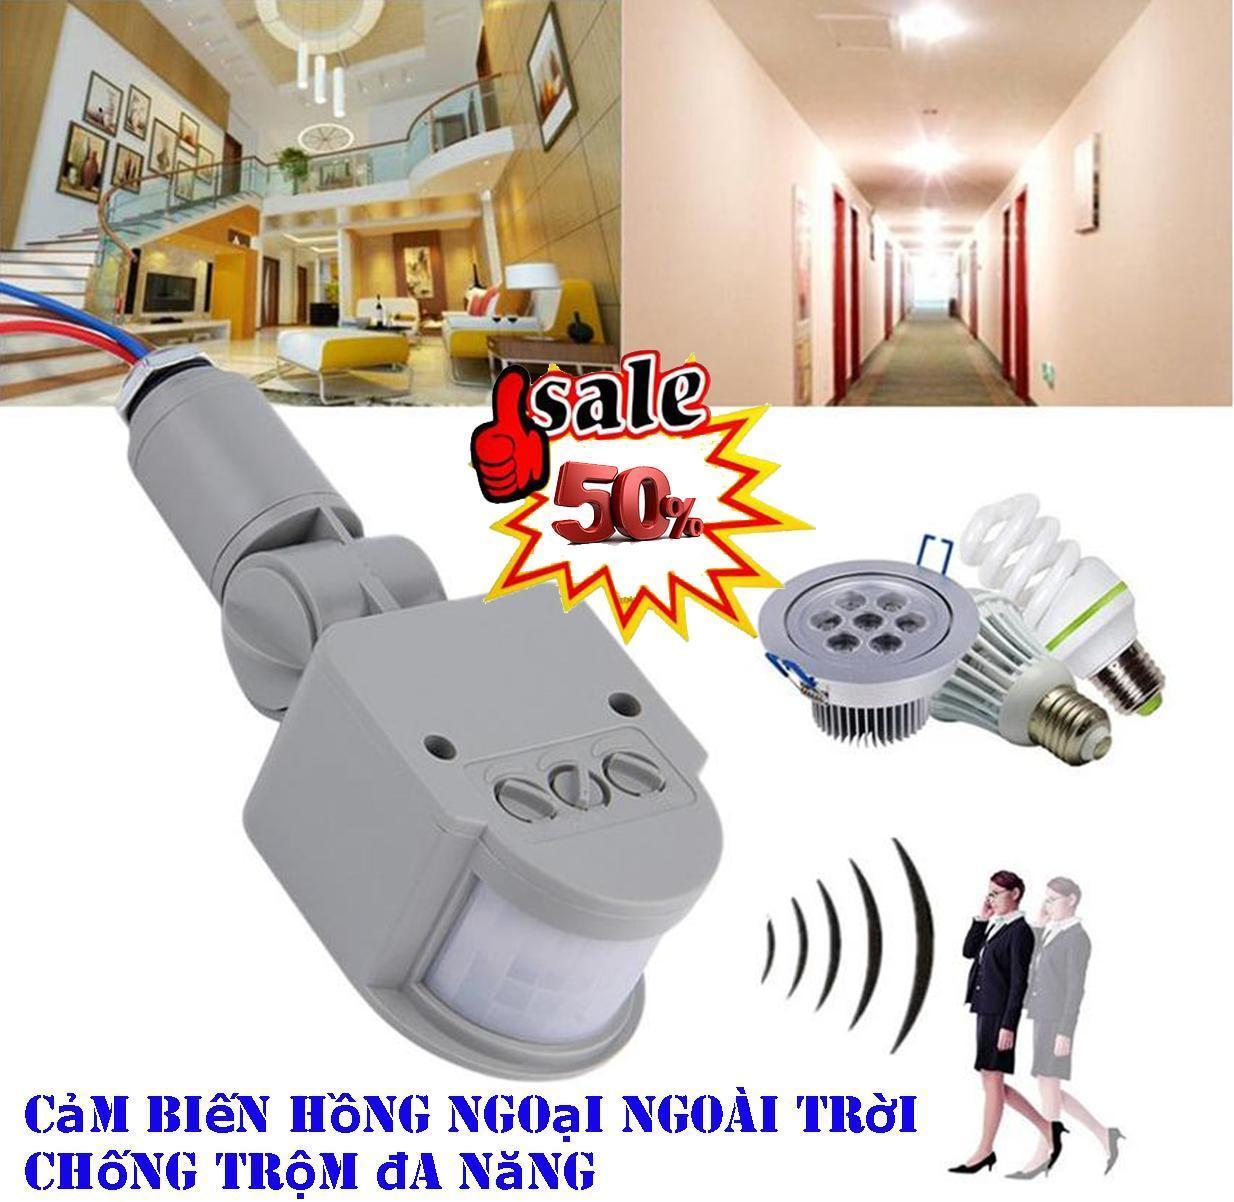 Chuông Báo Động Chống Trộm, Cách đấu bóng đèn cầu thang, đèn led cảm ứng chuyển động - Cảm biến tự động tắt bật khi có người. Mua Ngay HÔM NAY tiết kiệm đến 50%